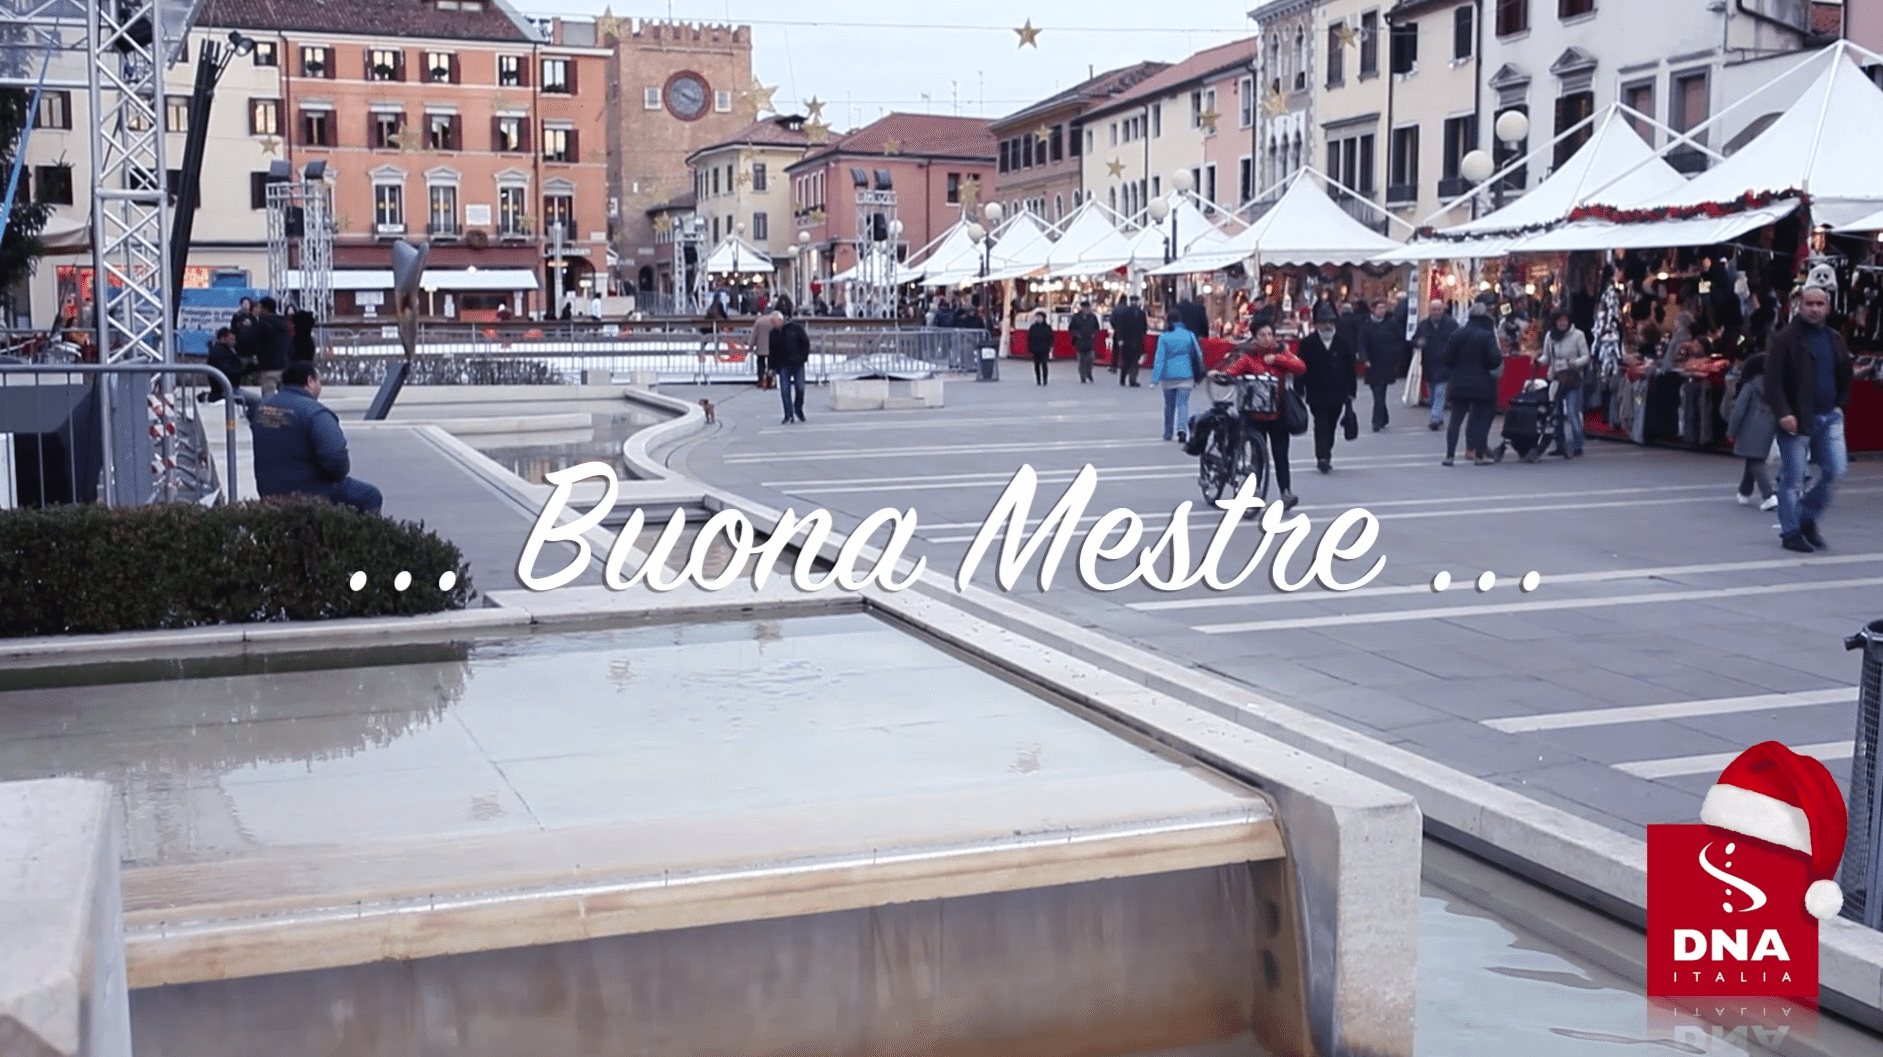 Tanti Auguri di Buon e Feste e Buona Mestre da DNA italia ed i commercianti di Mestre Centro